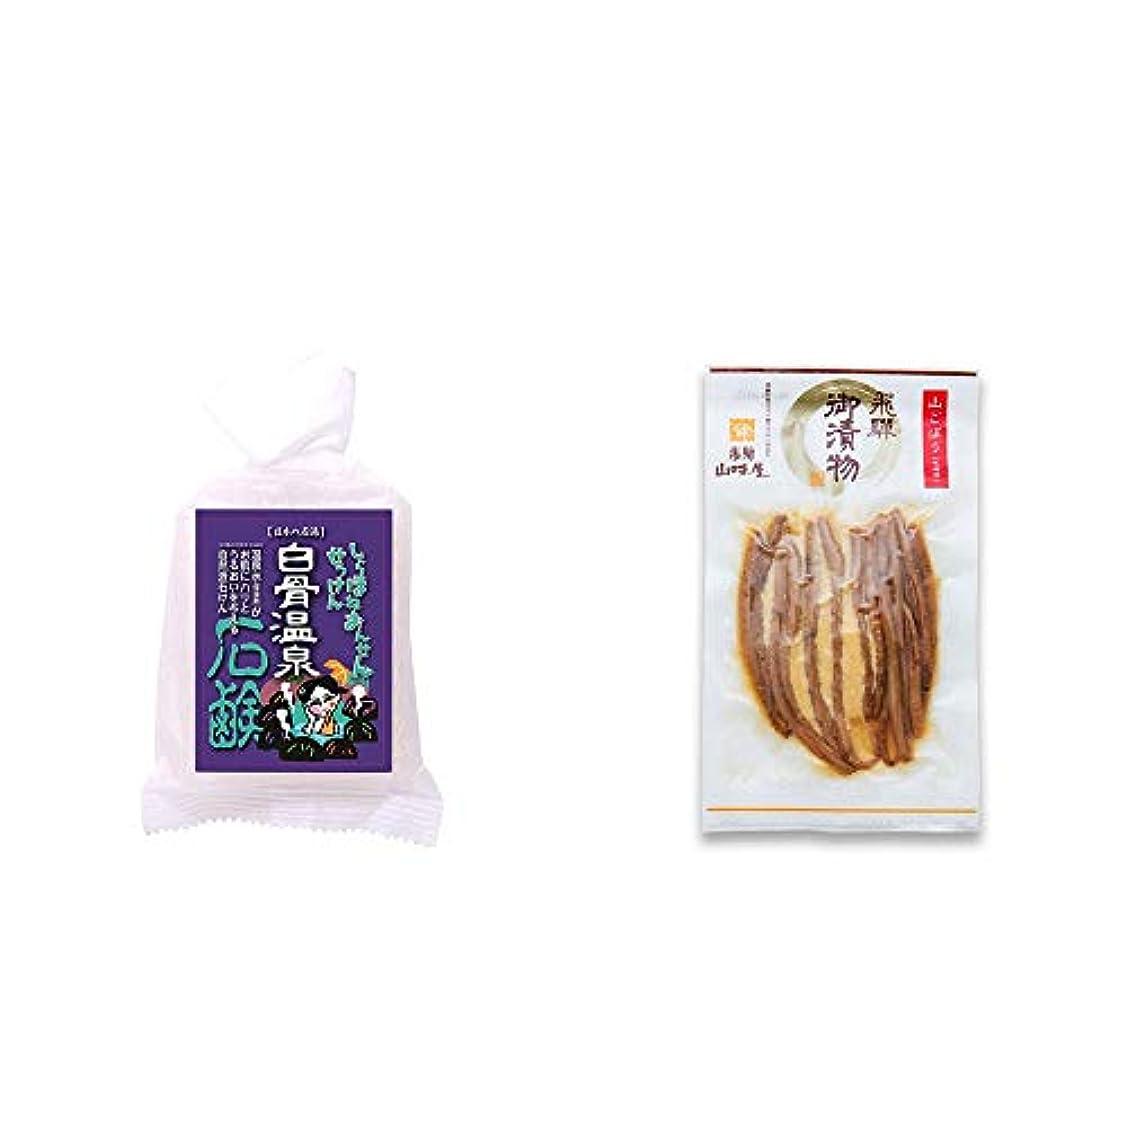 解決する差迷惑[2点セット] 信州 白骨温泉石鹸(80g)?飛騨山味屋 山ごぼう味噌漬(80g)